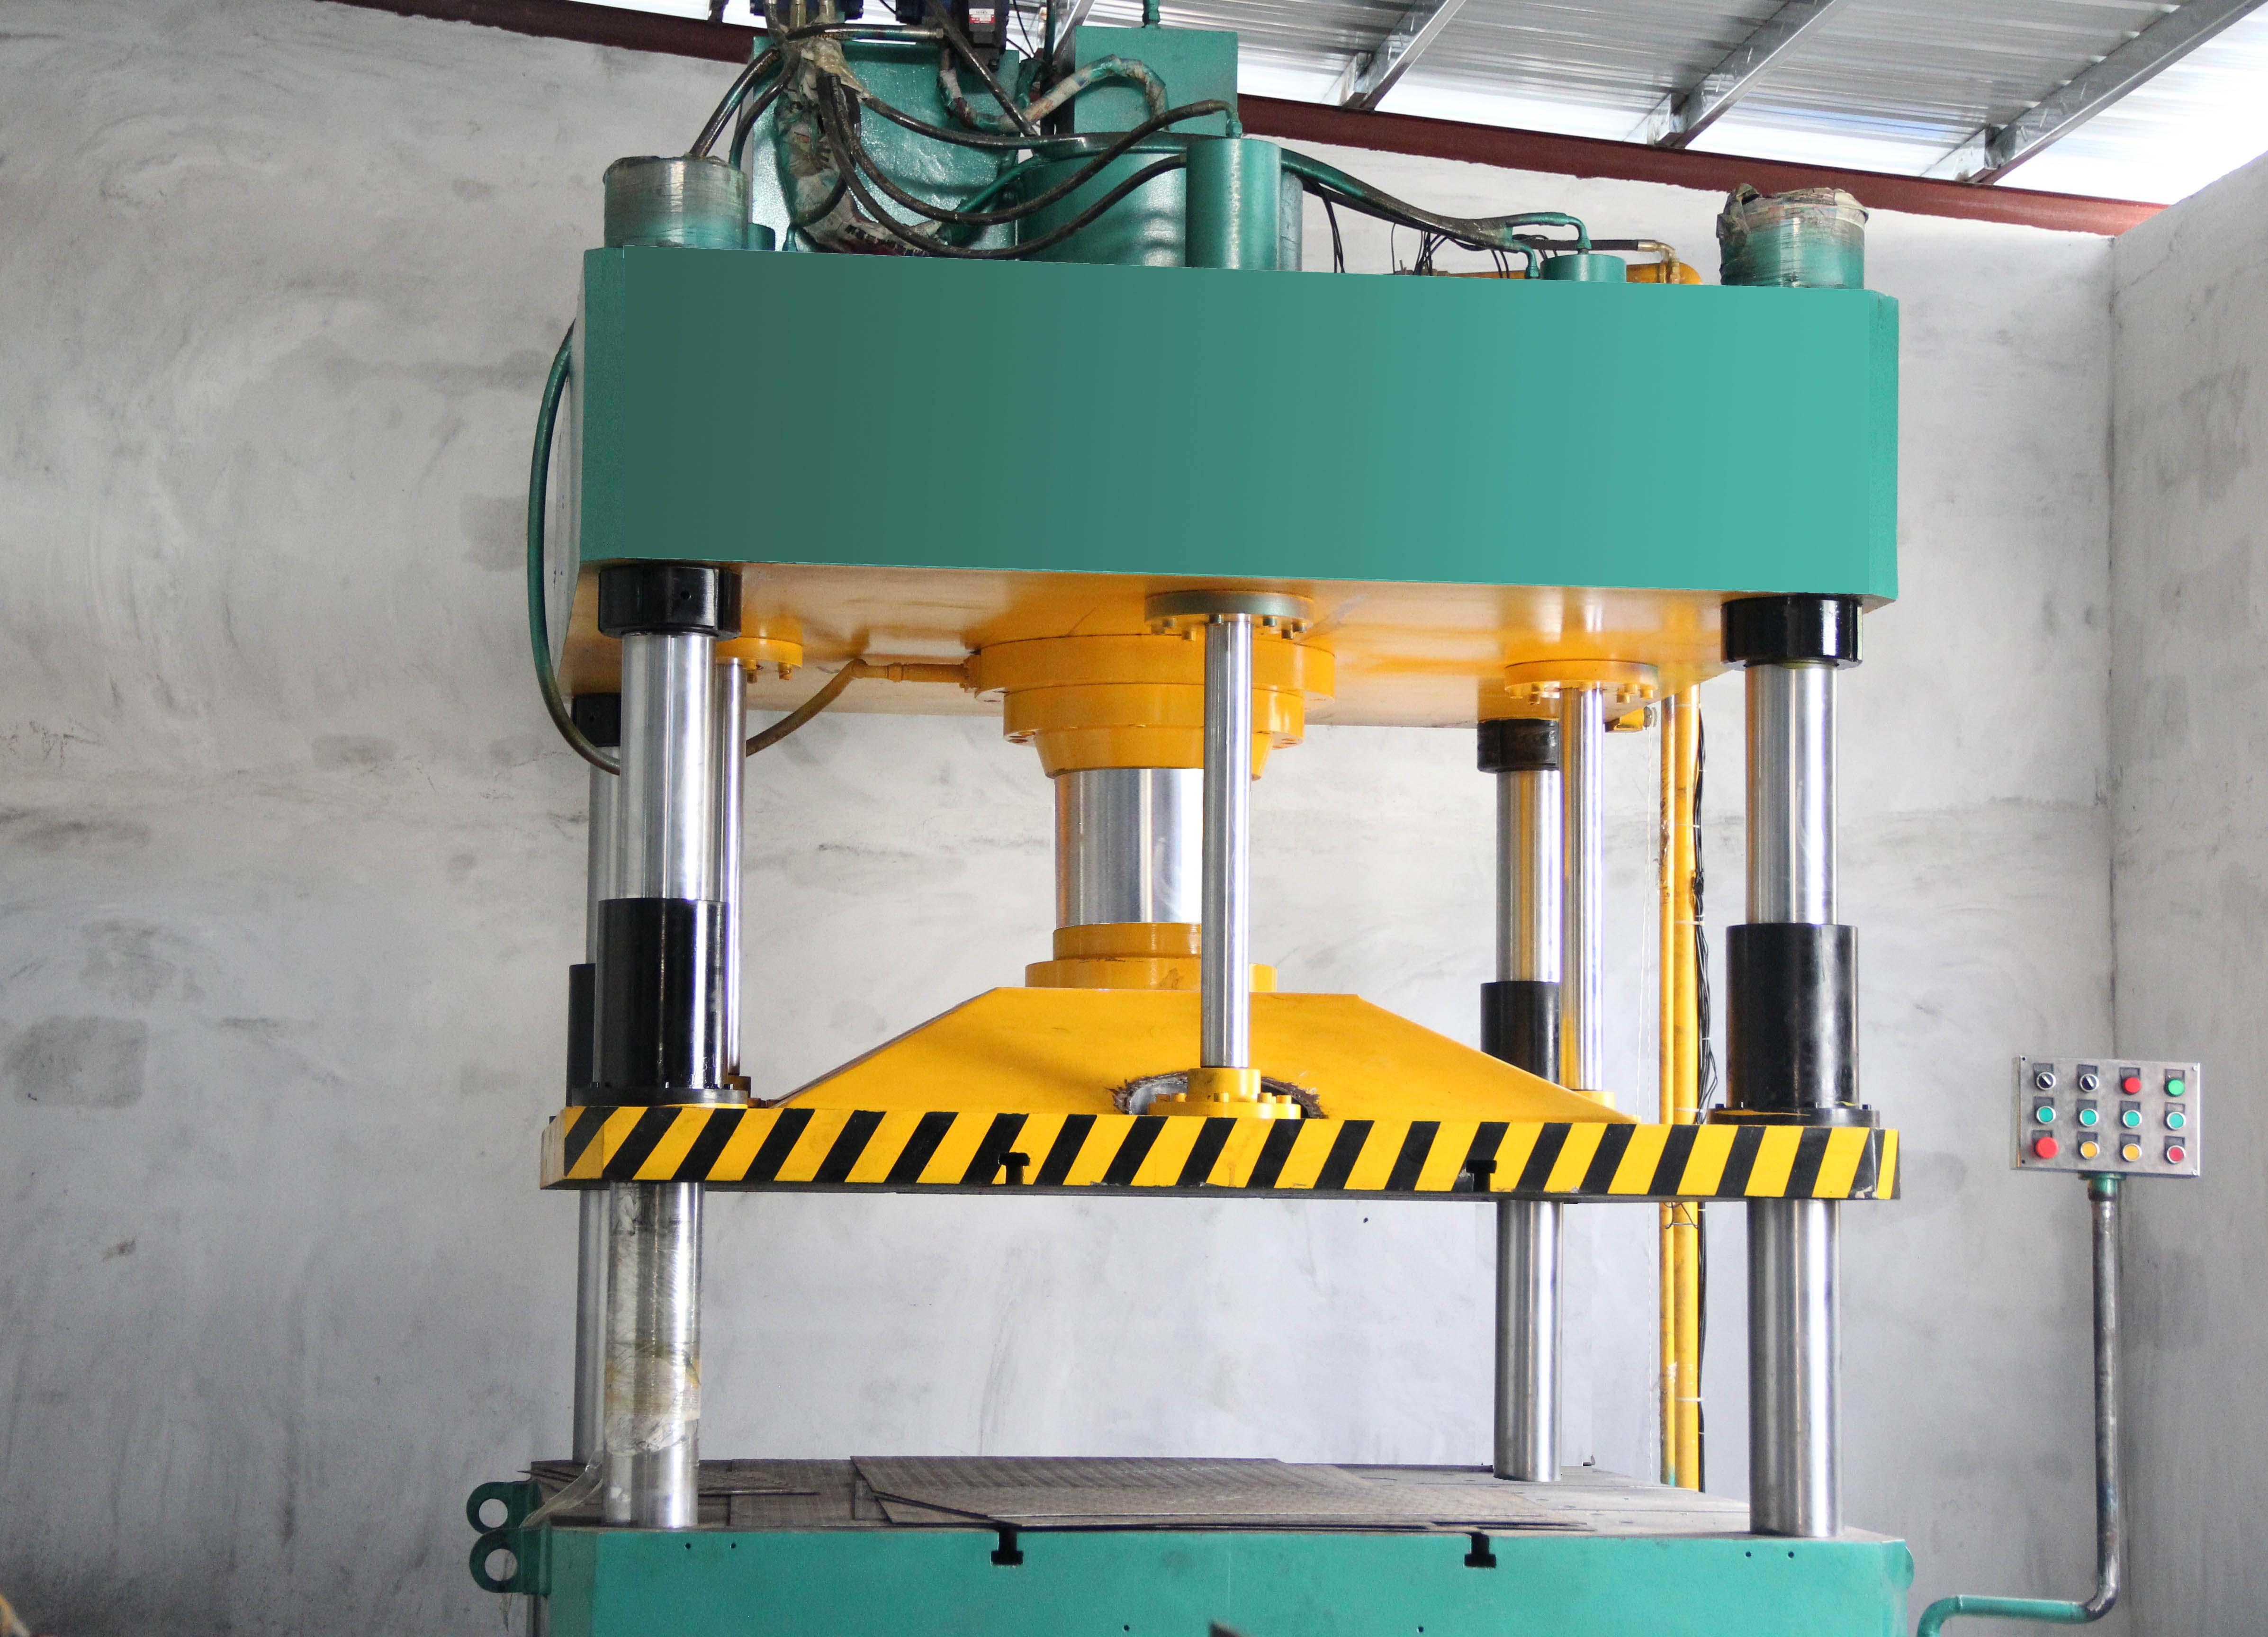 亚博极速下注械设备是一种以液体为工作介质,根据帕斯卡原理制成的用于传递